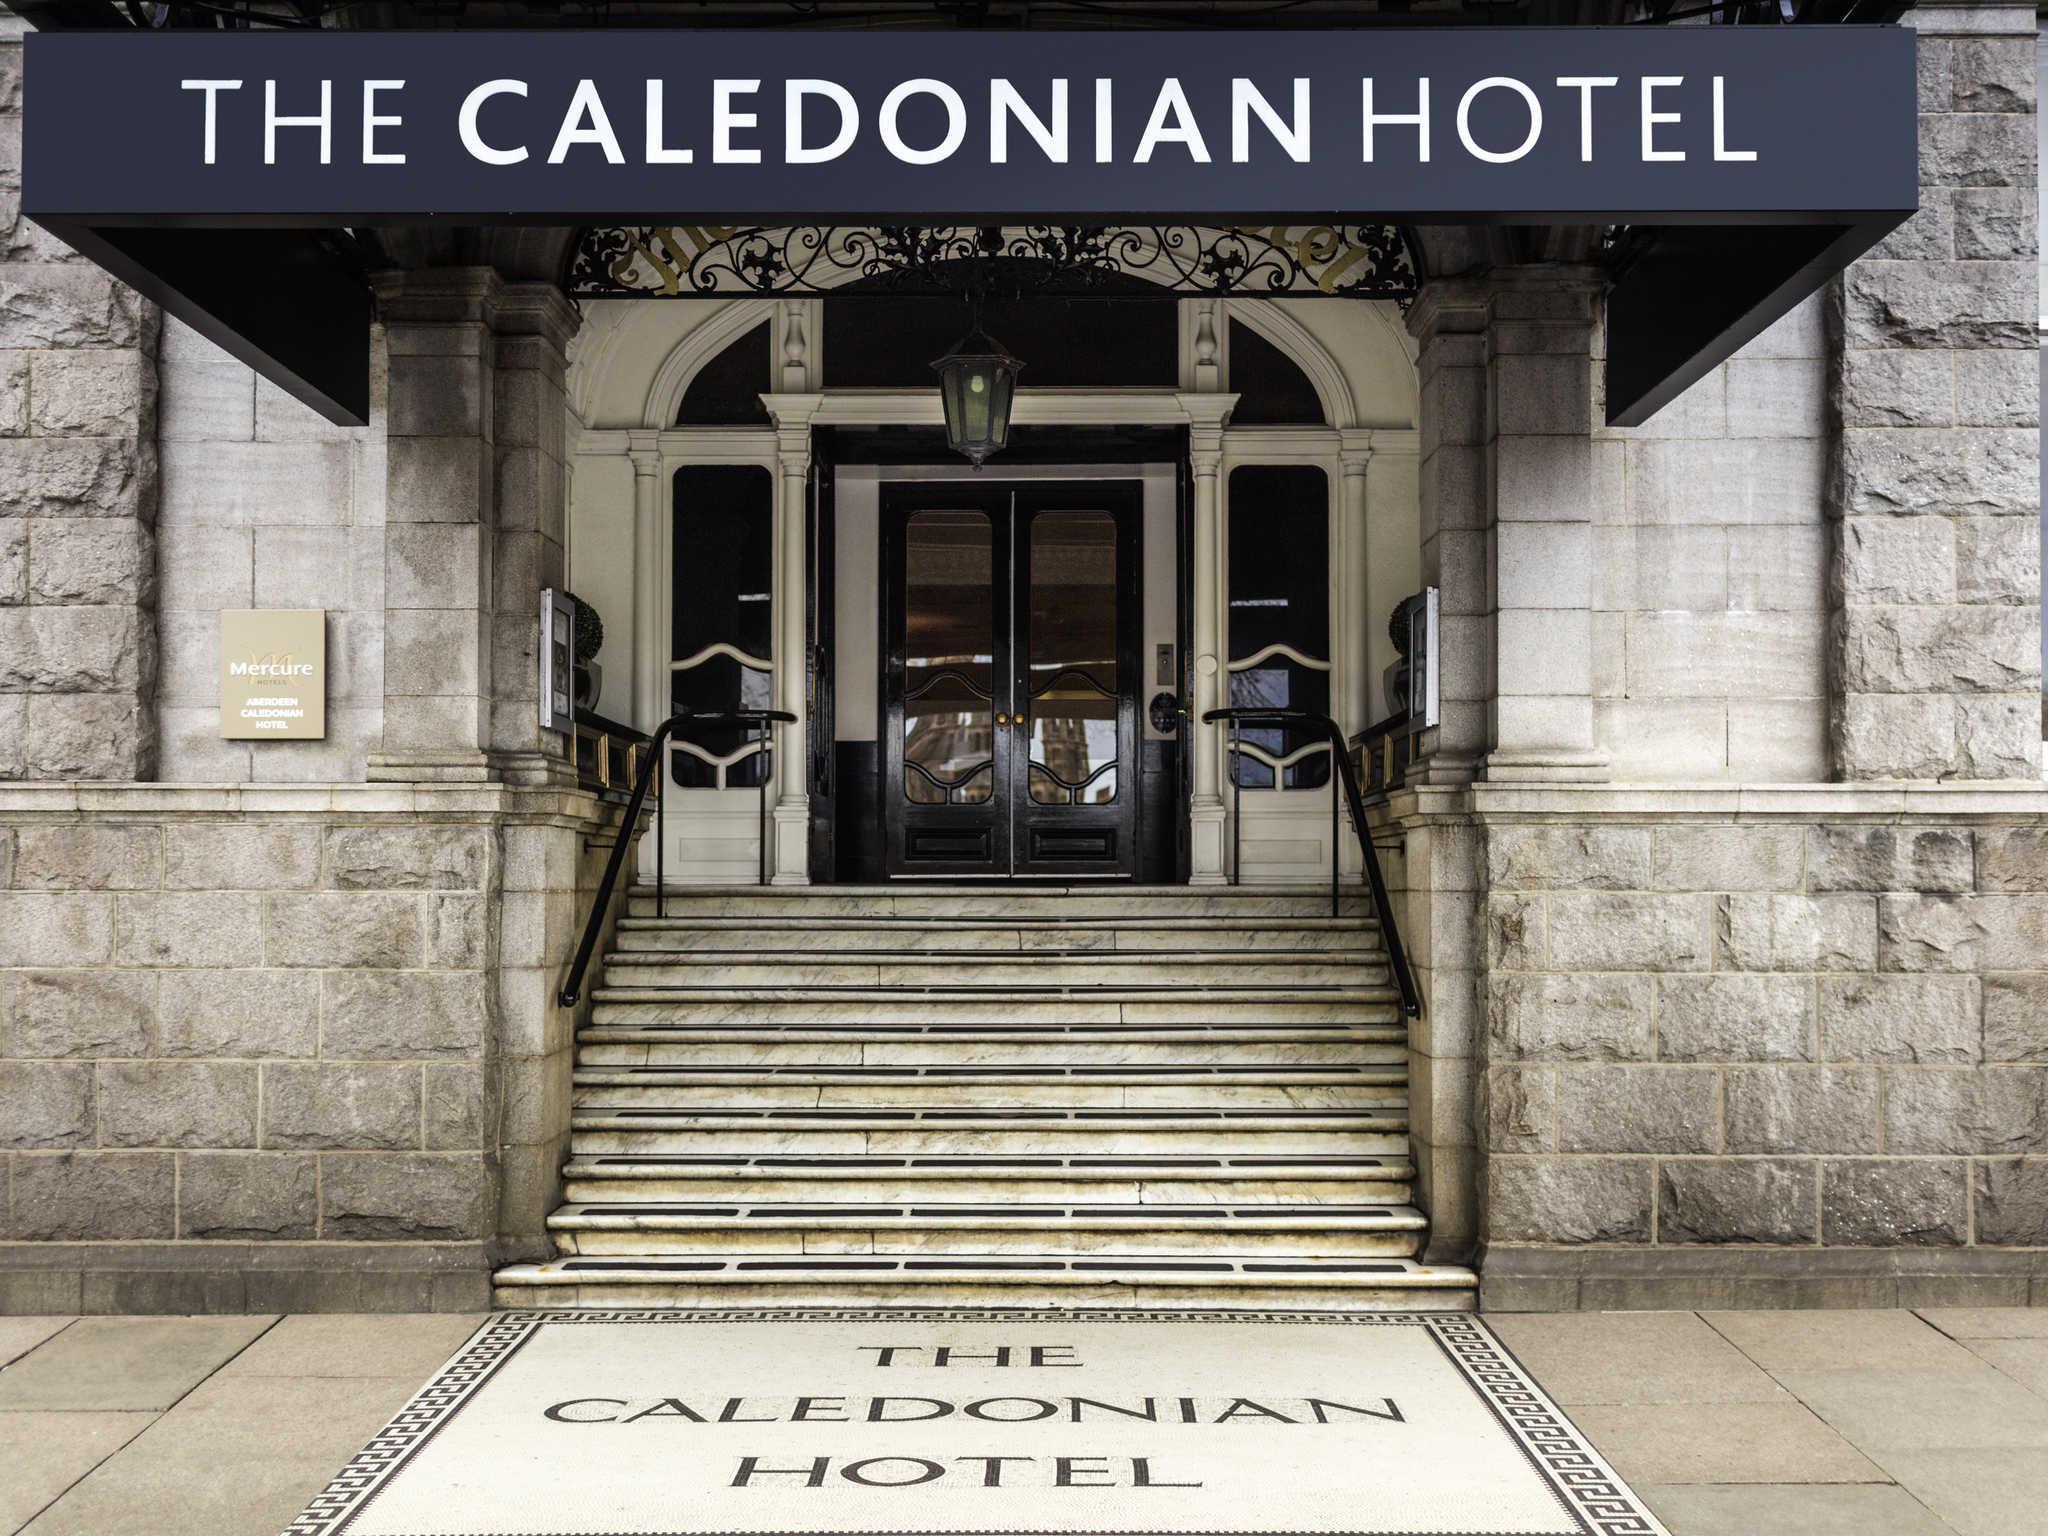 ホテル – メルキュール アバディーン カレドニアン ホテル